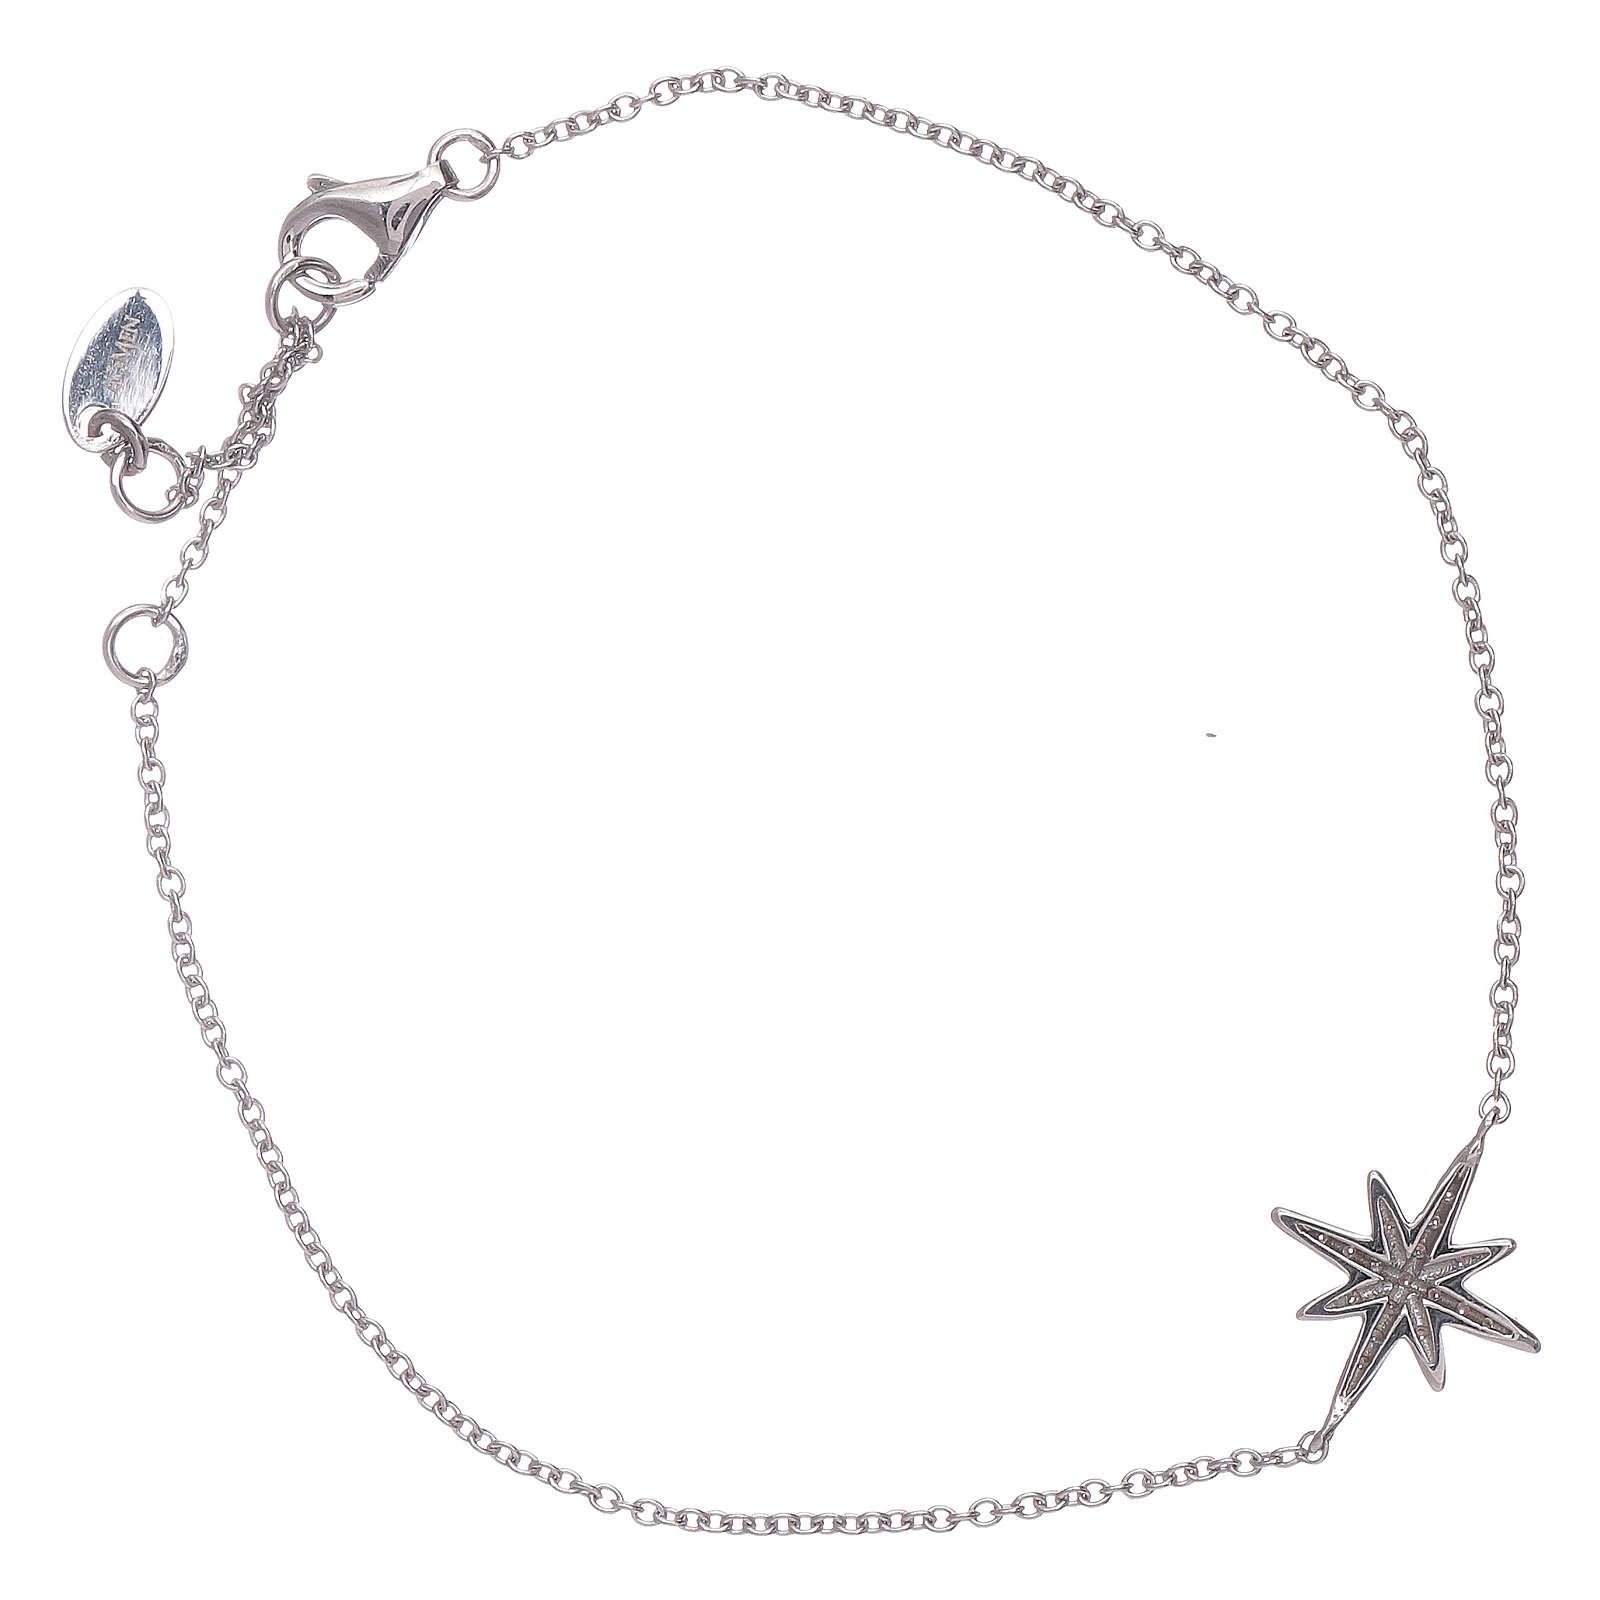 Bracciale argento 925 Amen con Stella Ventis di zirconi 4